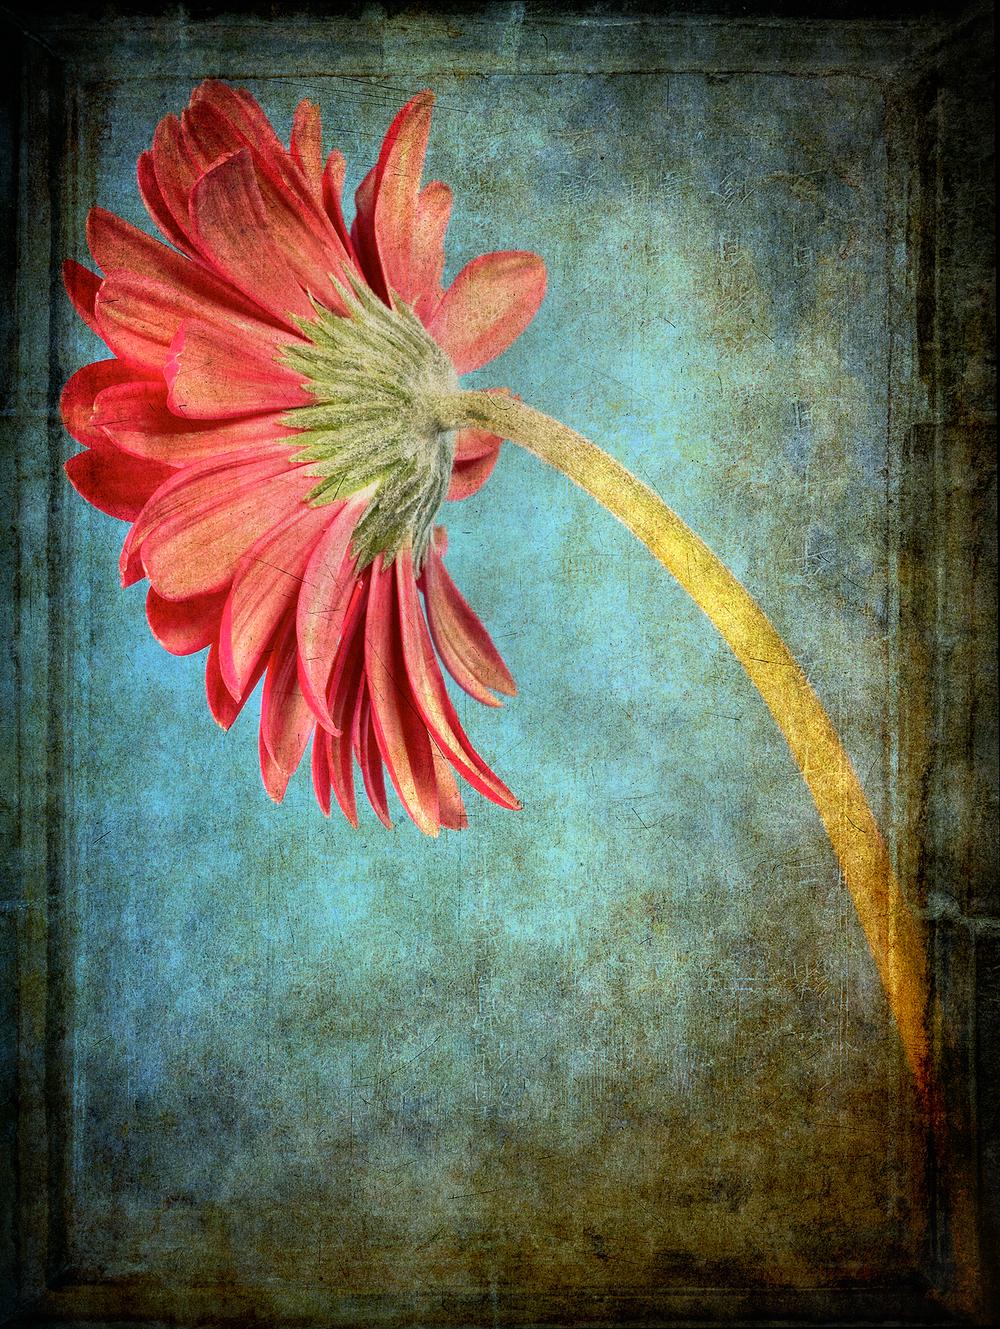 flower_7_b.jpg